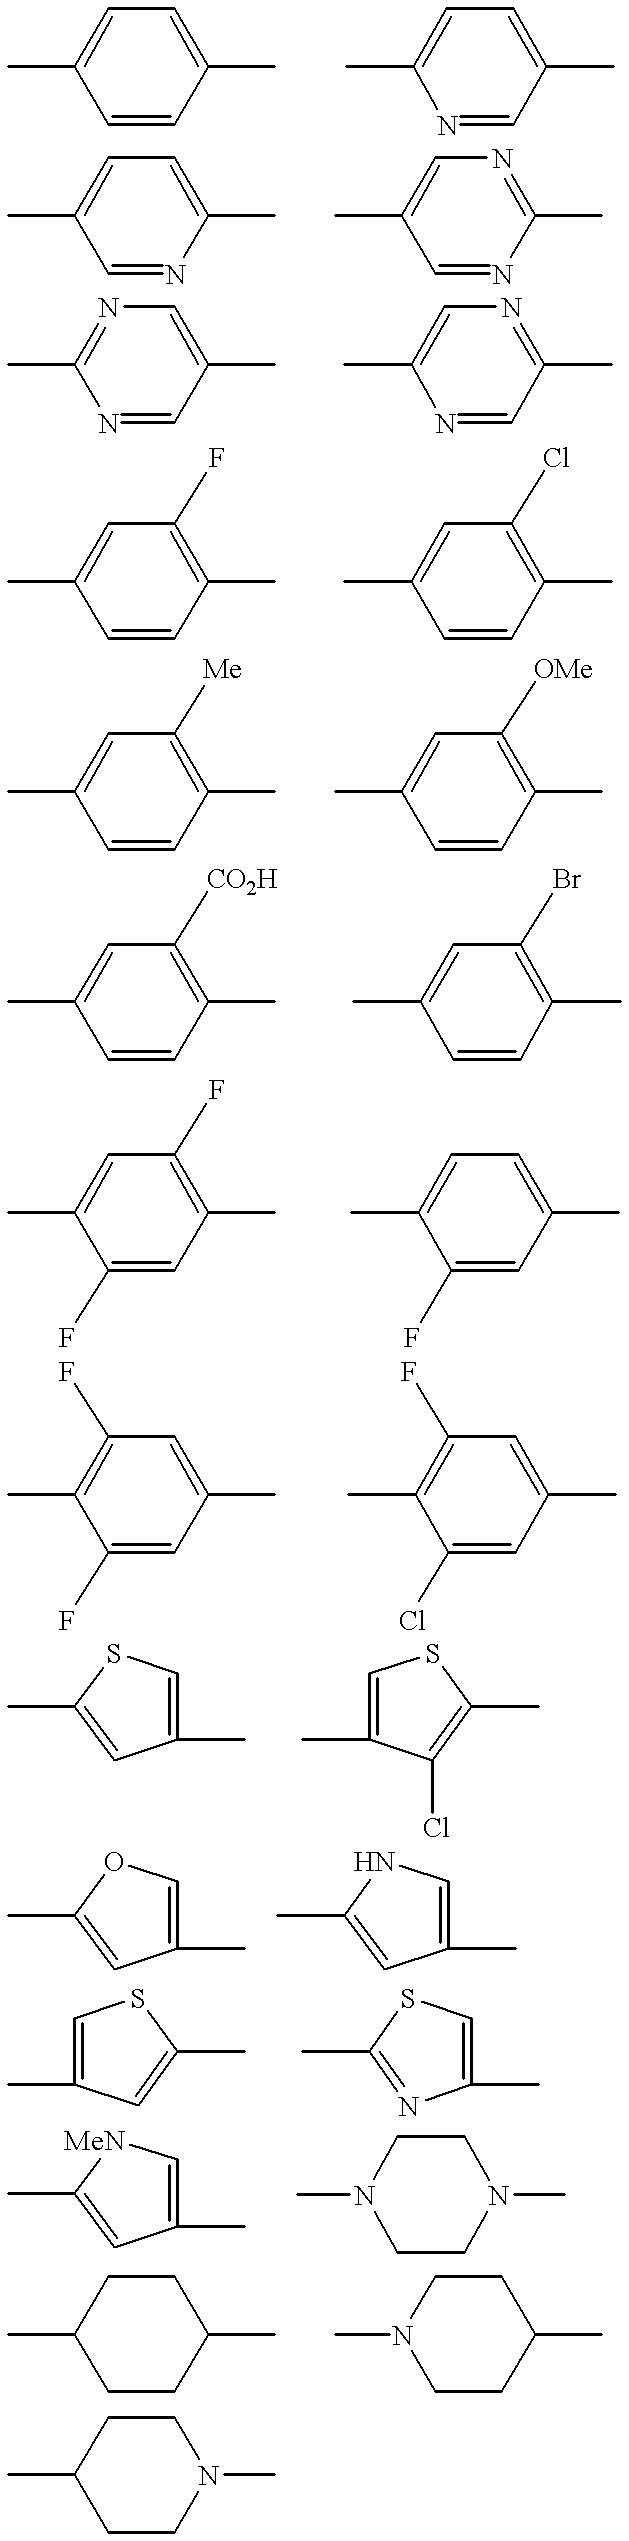 Figure US06376515-20020423-C00076